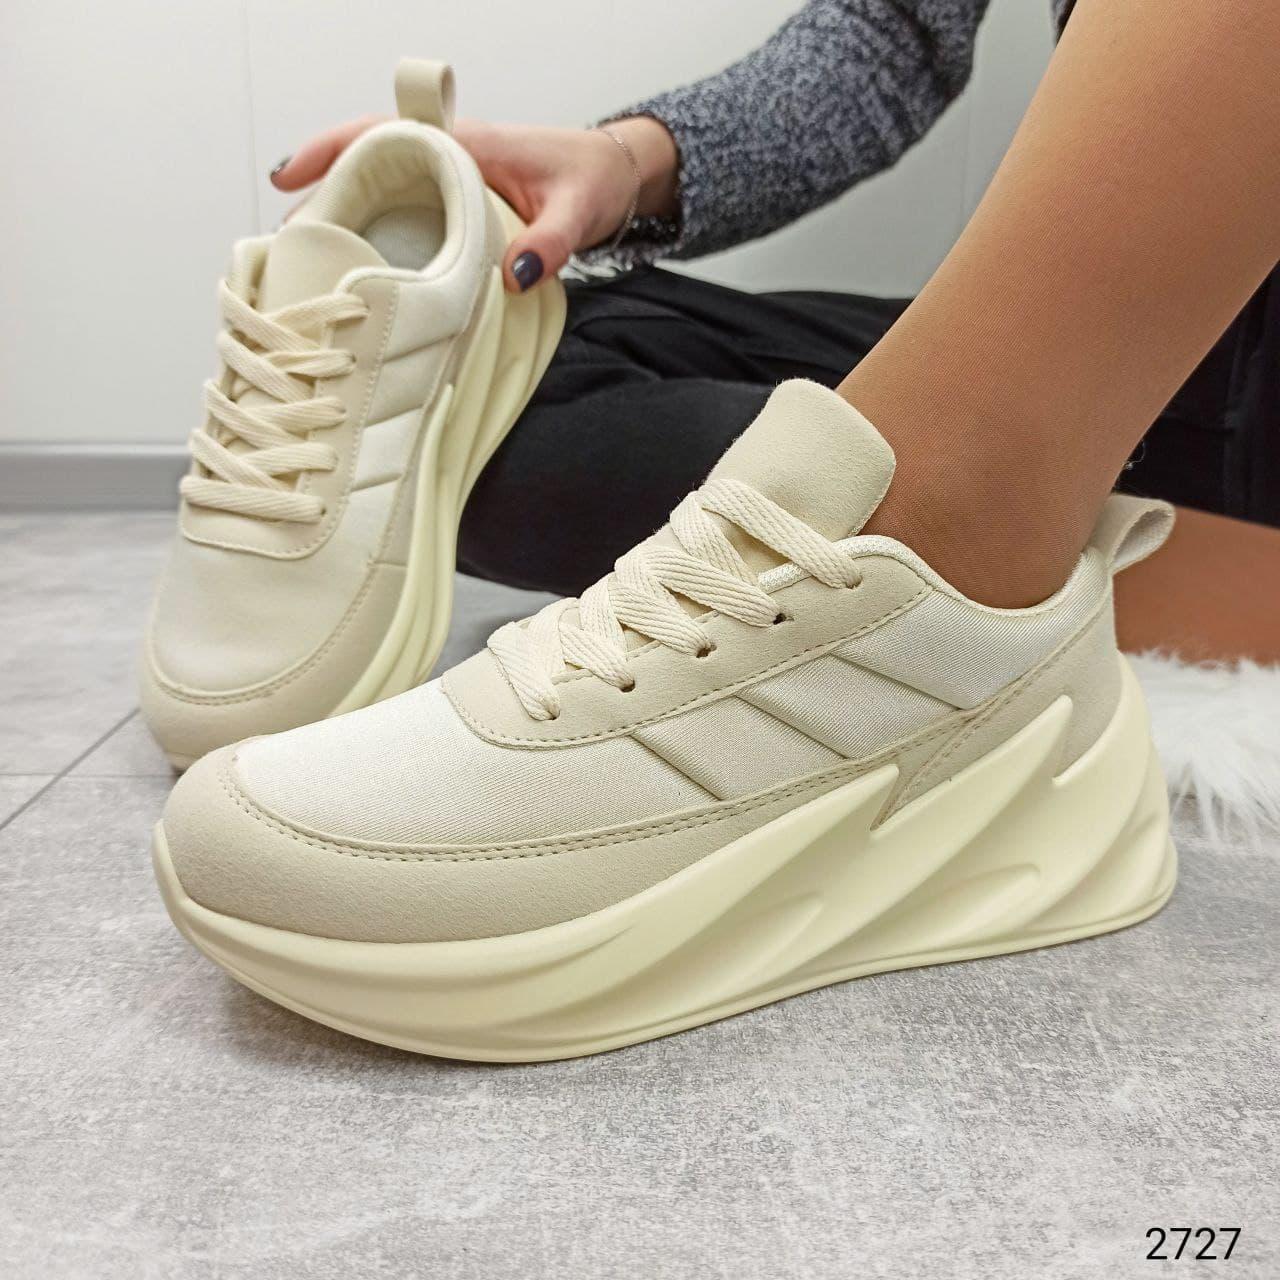 Кроссовки на стильной подошве беж